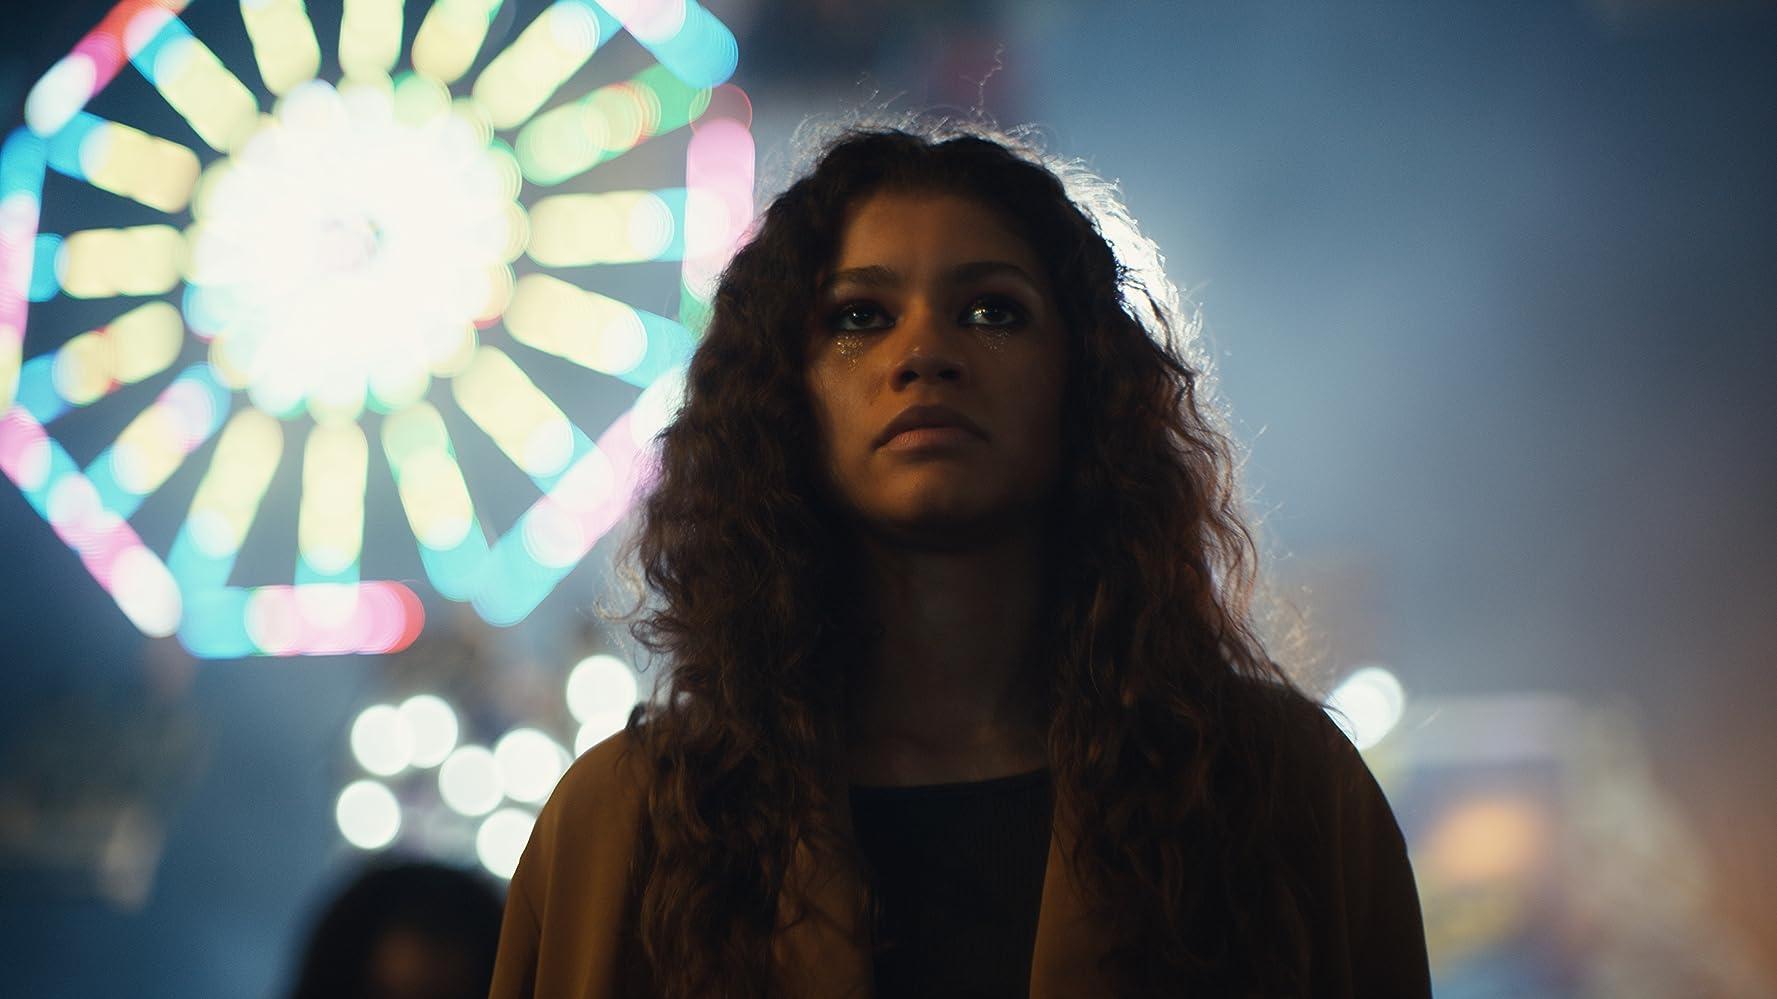 Zendaya in Euphoria (2019)